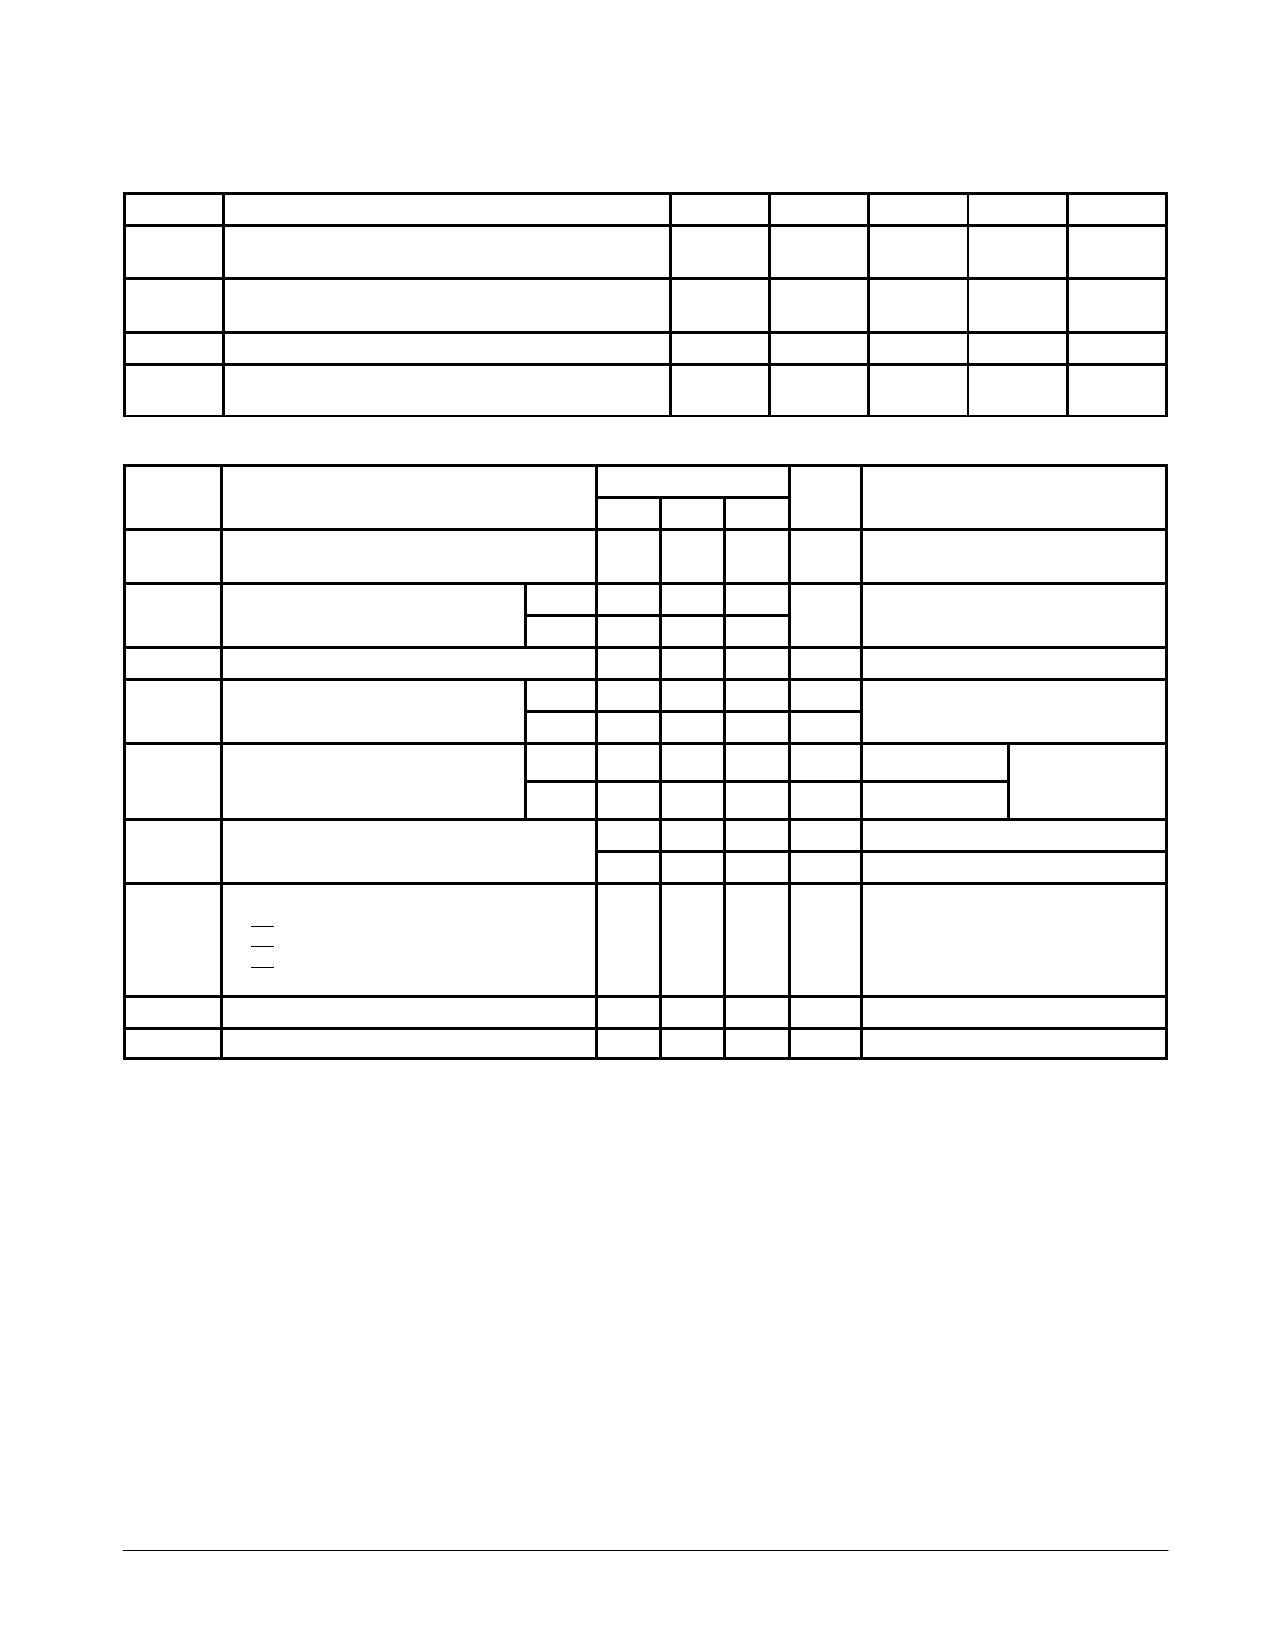 SN54LS93 pdf